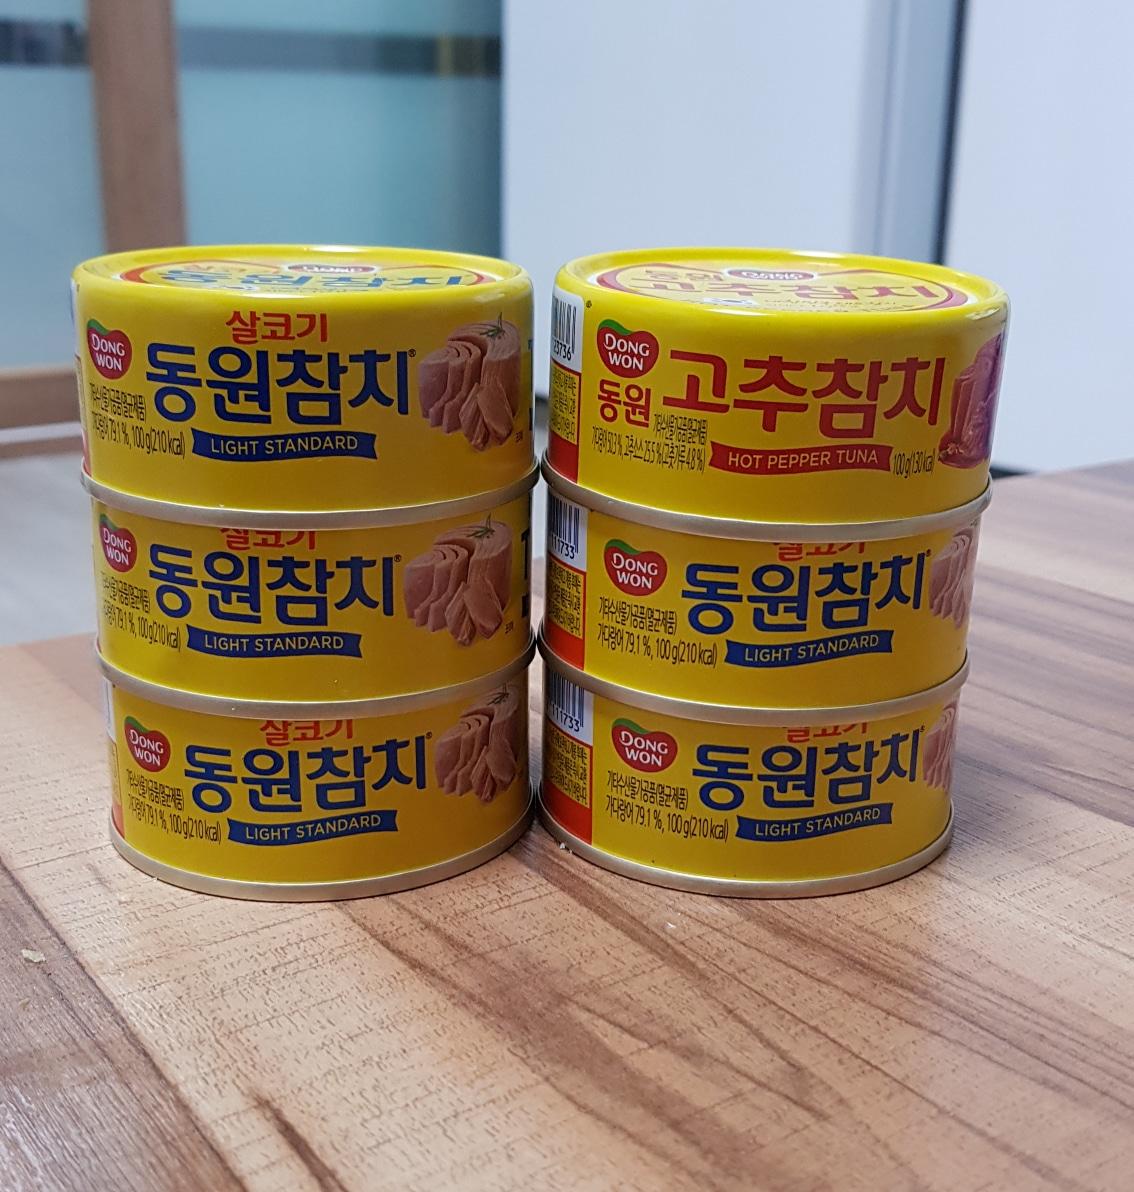 동원참치,커피,율무차,김,비비고왕교자 등 팔아요😀